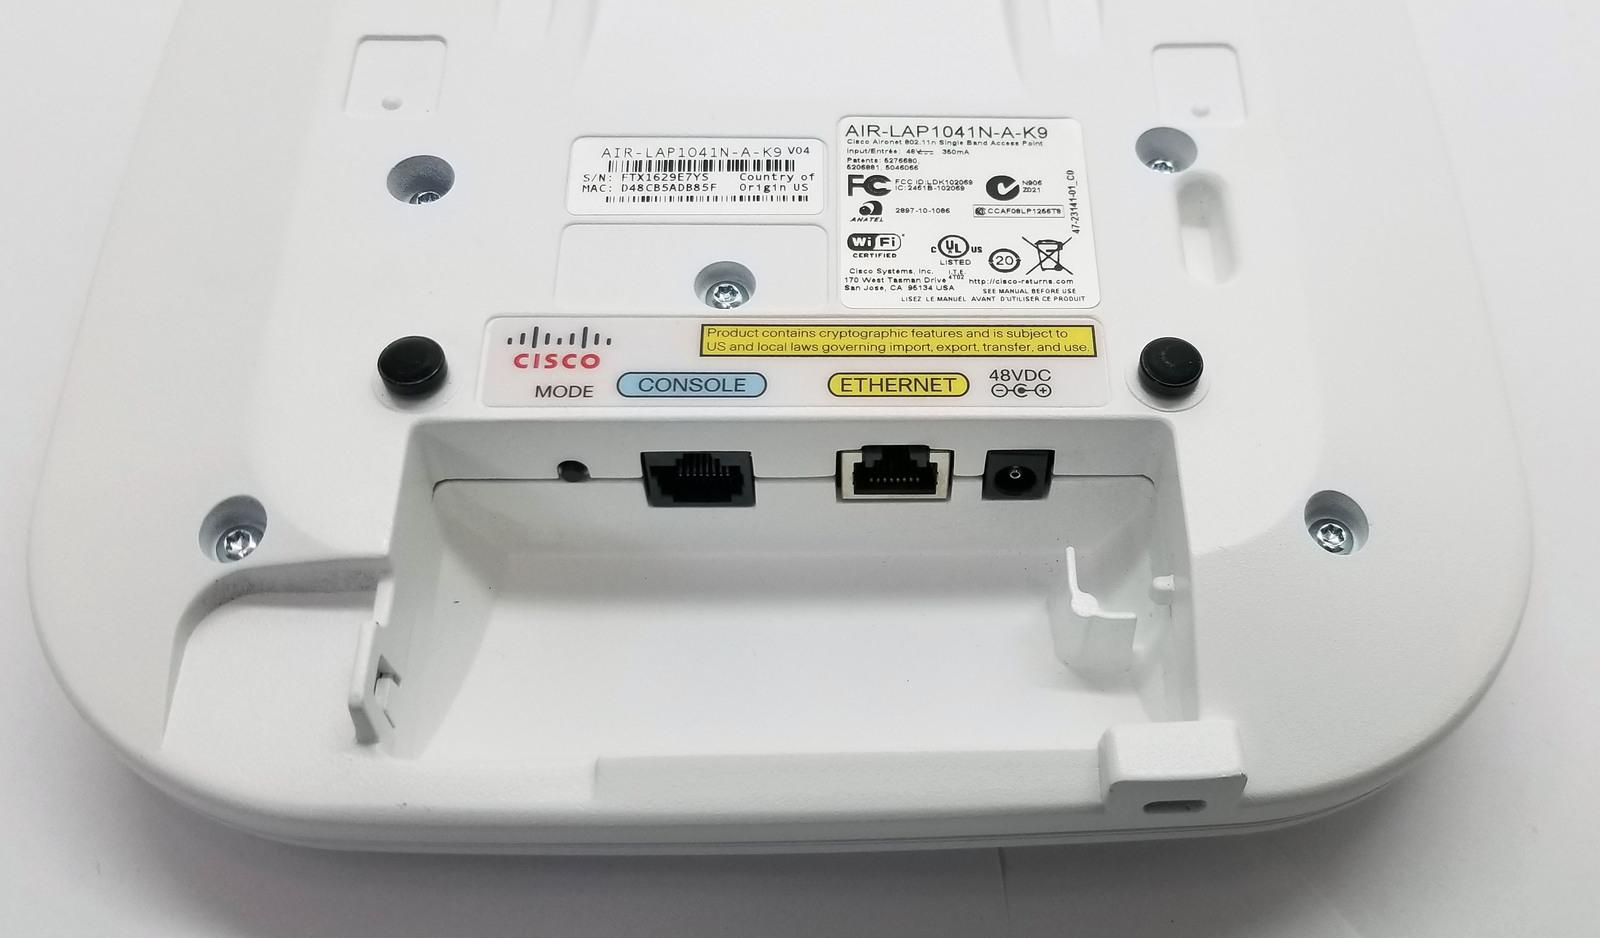 Cisco AIR-LAP-1041N-A-K9 Wireless Access Point Bin:BR